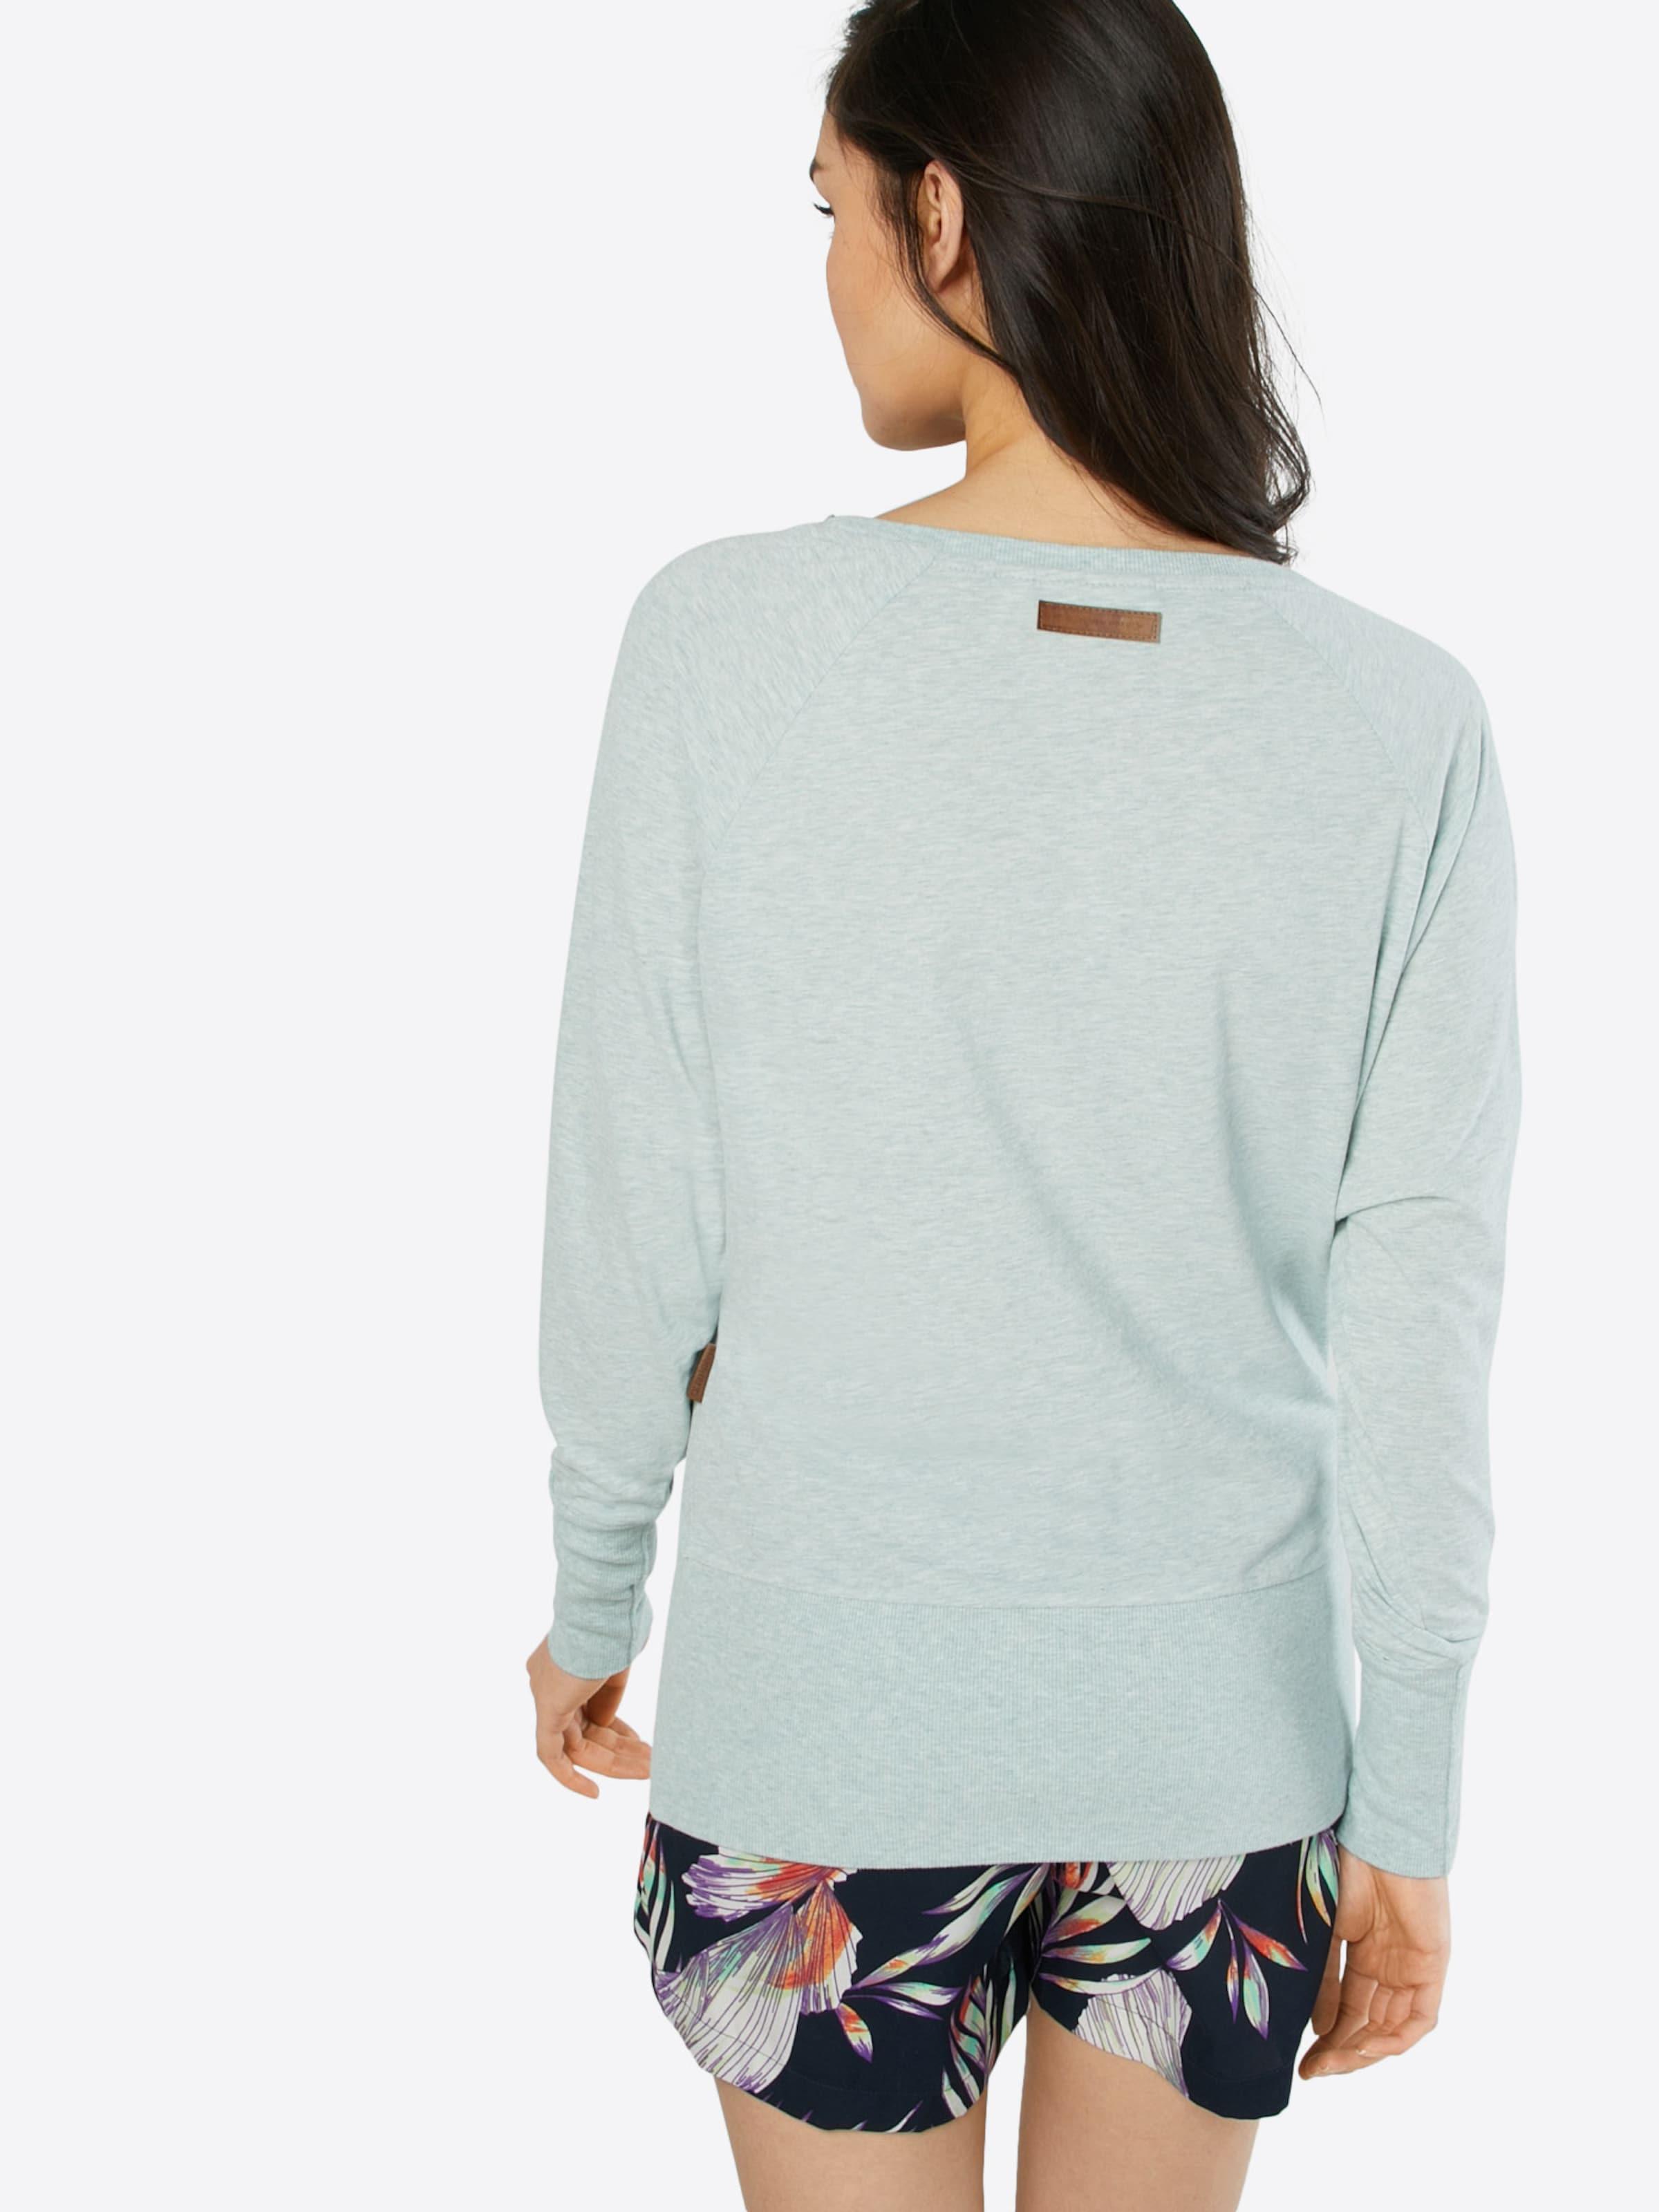 naketano Shirt 'Groupie' Wahl Verkauf Online Kostengünstig Freies Verschiffen Beruf Empfehlen Billige Eastbay ijsX4t2O